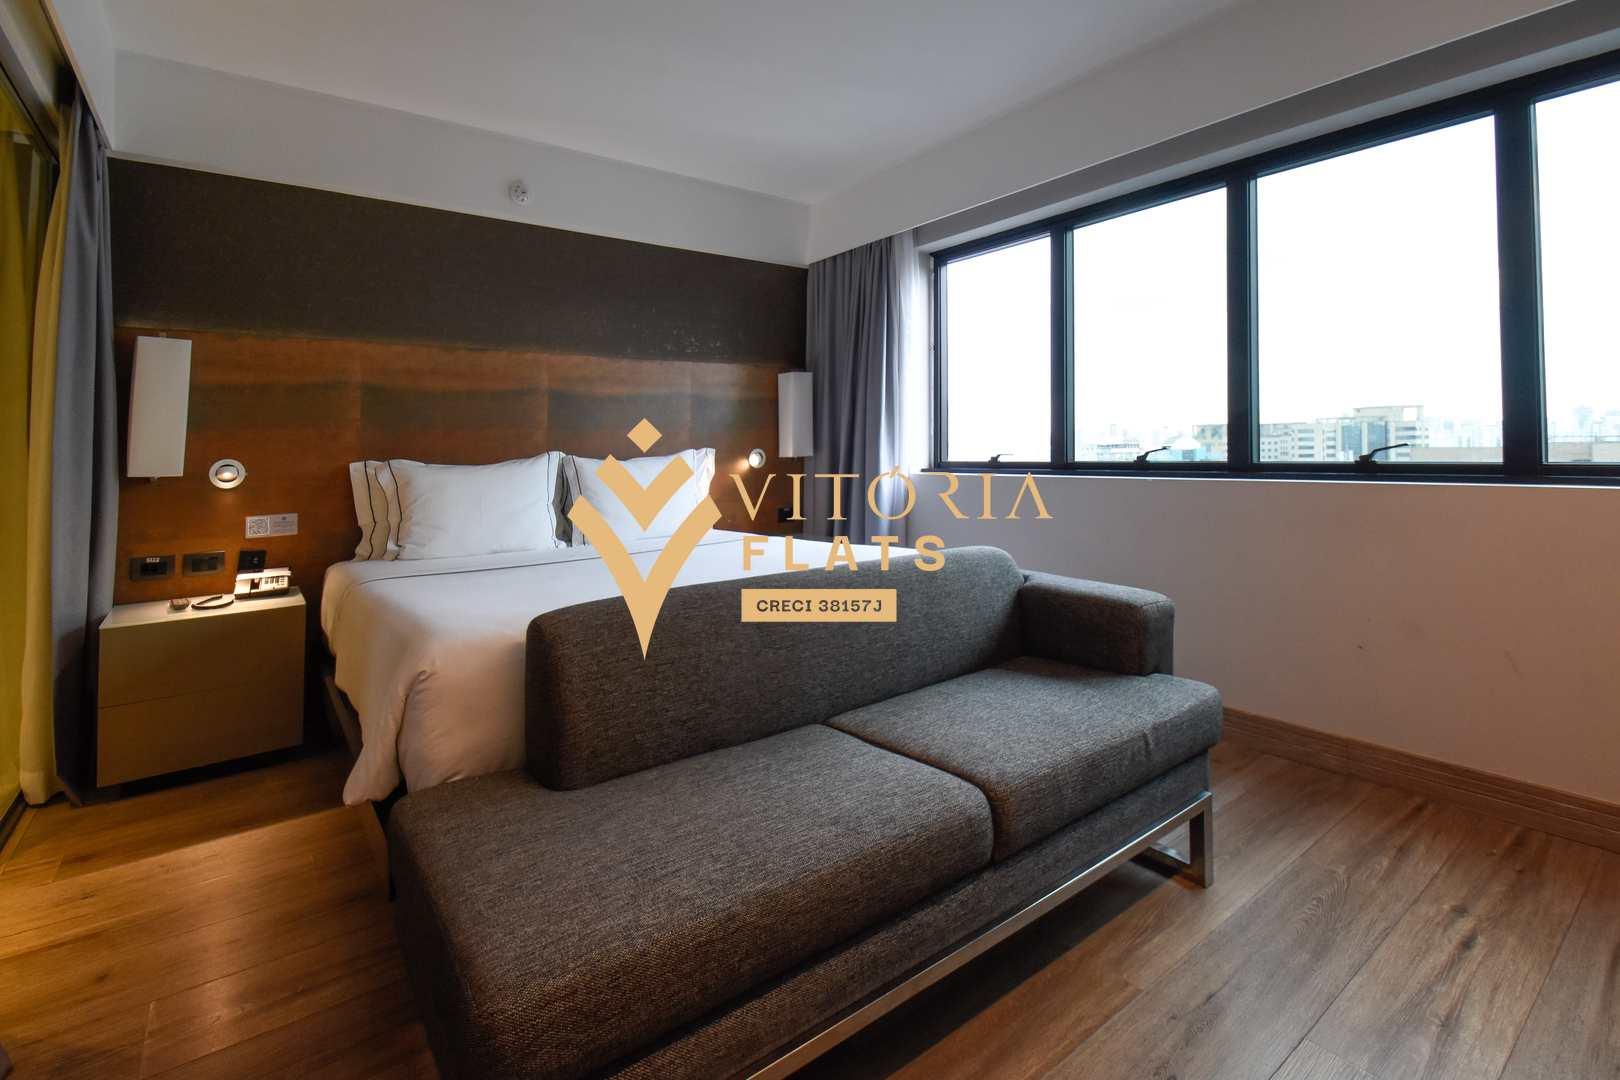 Flat com 1 dorm, Indianópolis, São Paulo - Cod: 58959182